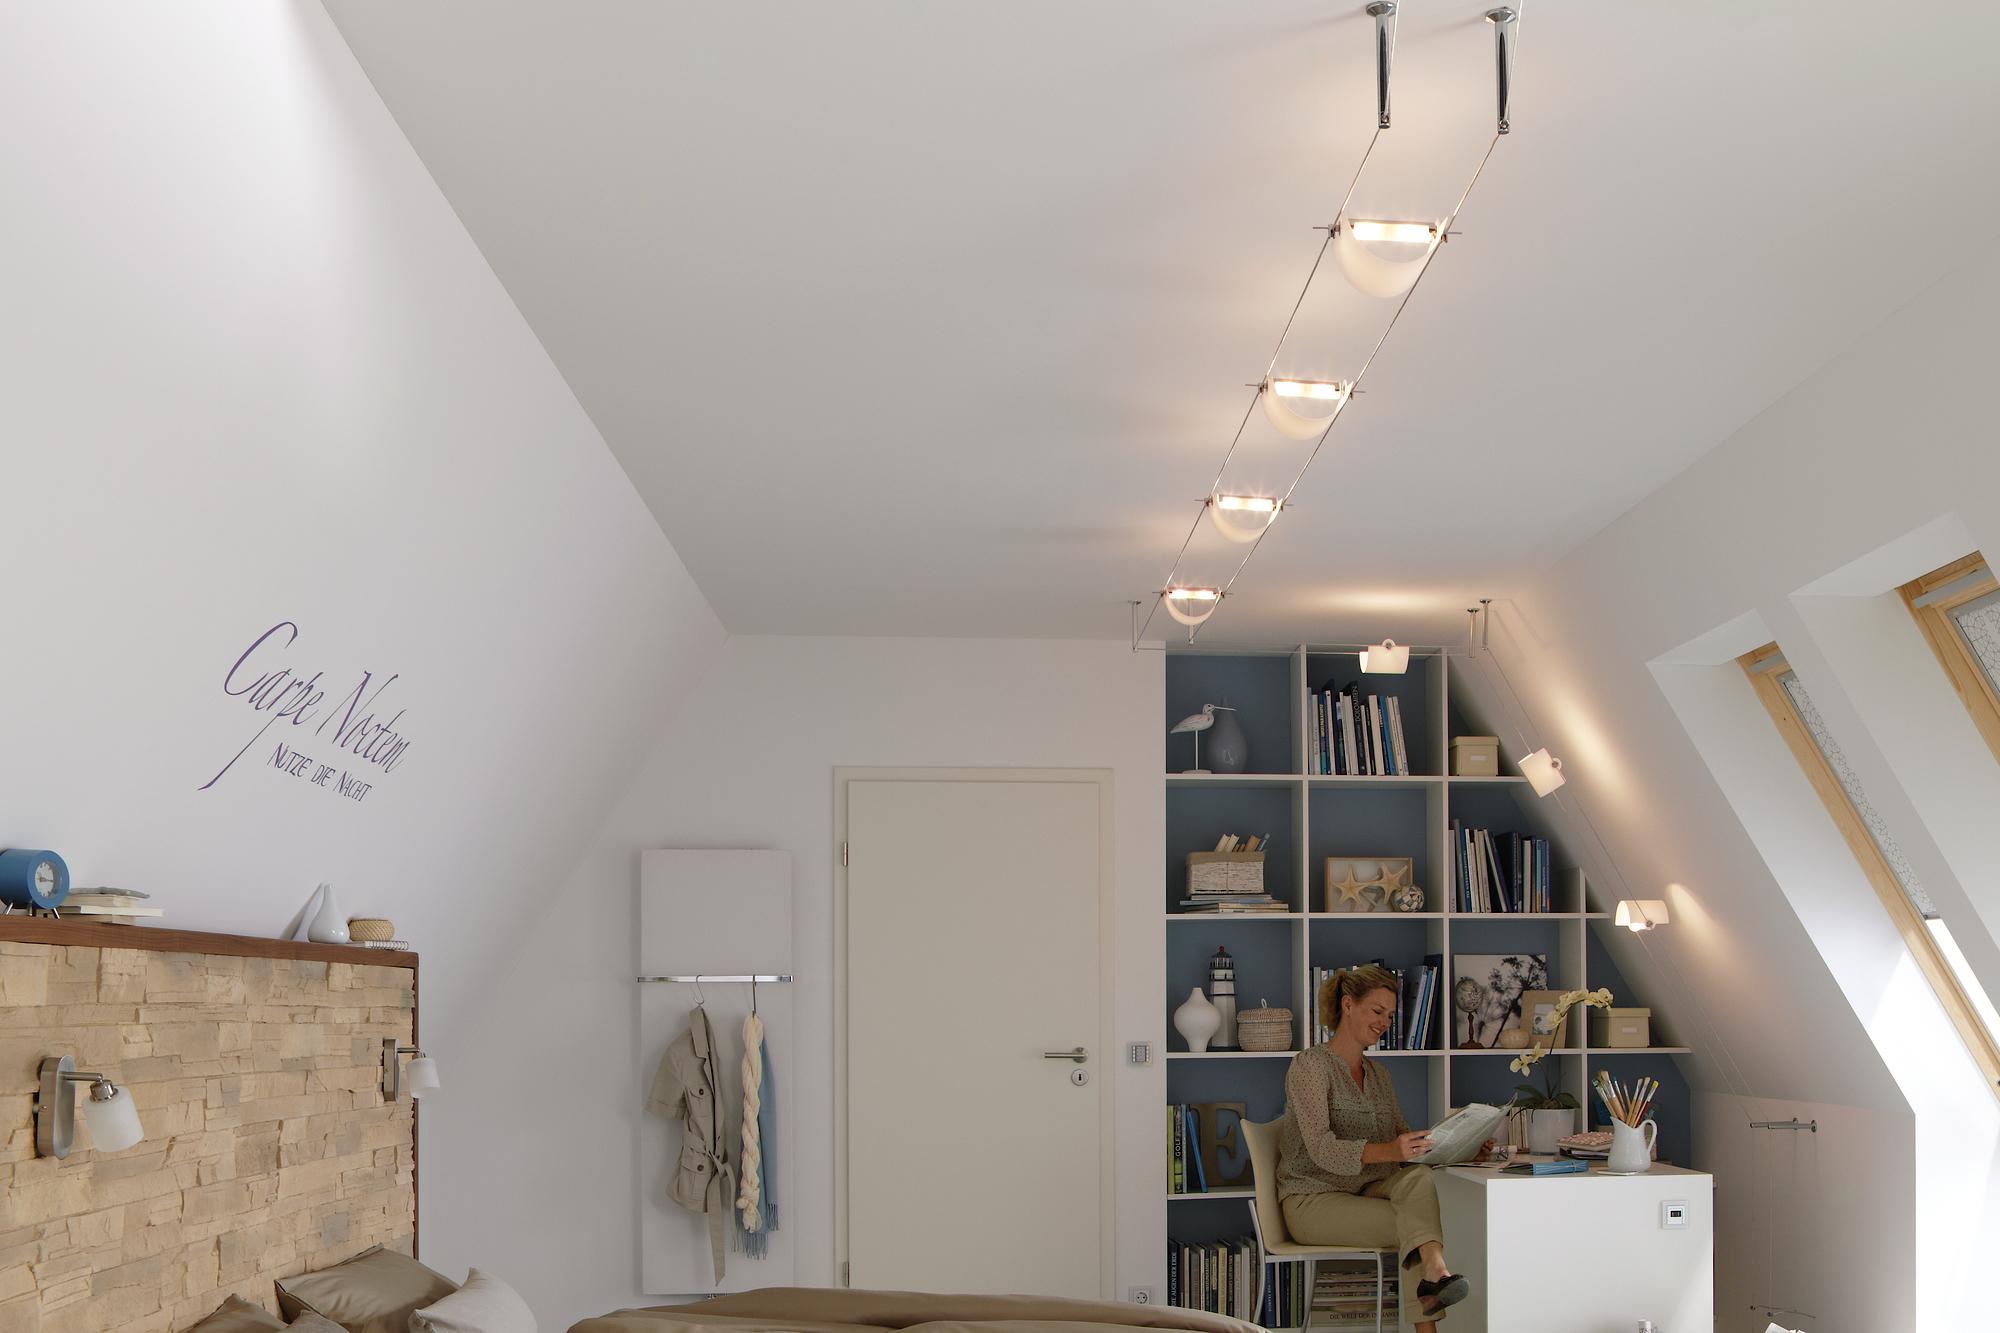 Full Size of Flexible Seilsysteme Komplettsets Paulmann Licht Wohnzimmer Tapeten Led Heizkörper Fürs Hängelampe Gardine Hängeschrank Lampe Fototapete Wohnzimmer Deckenspots Wohnzimmer